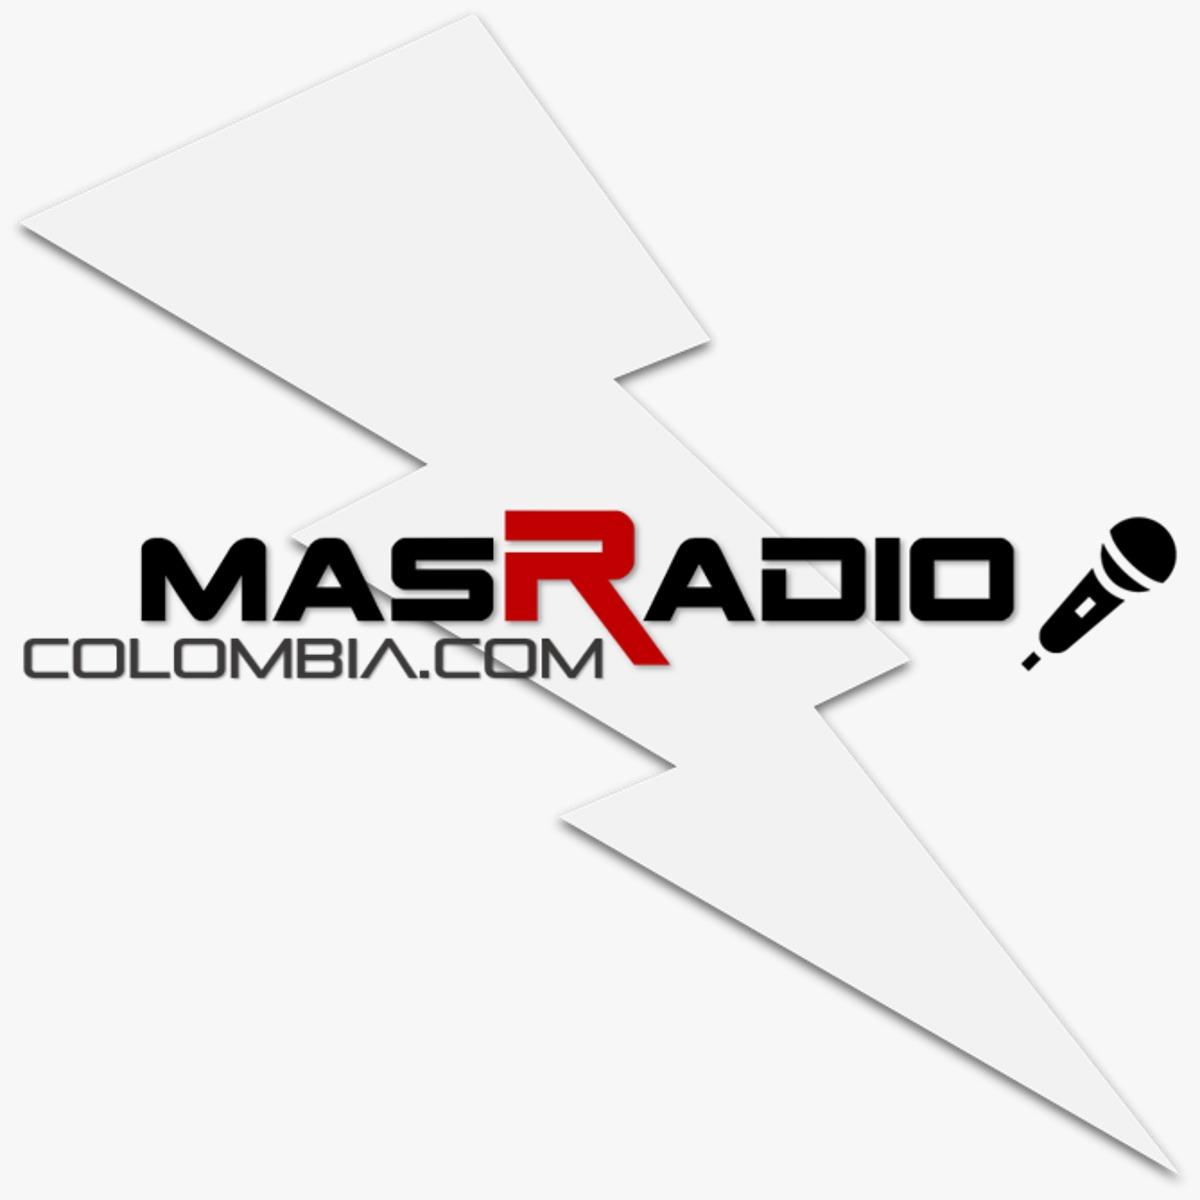 MasRadioColombia